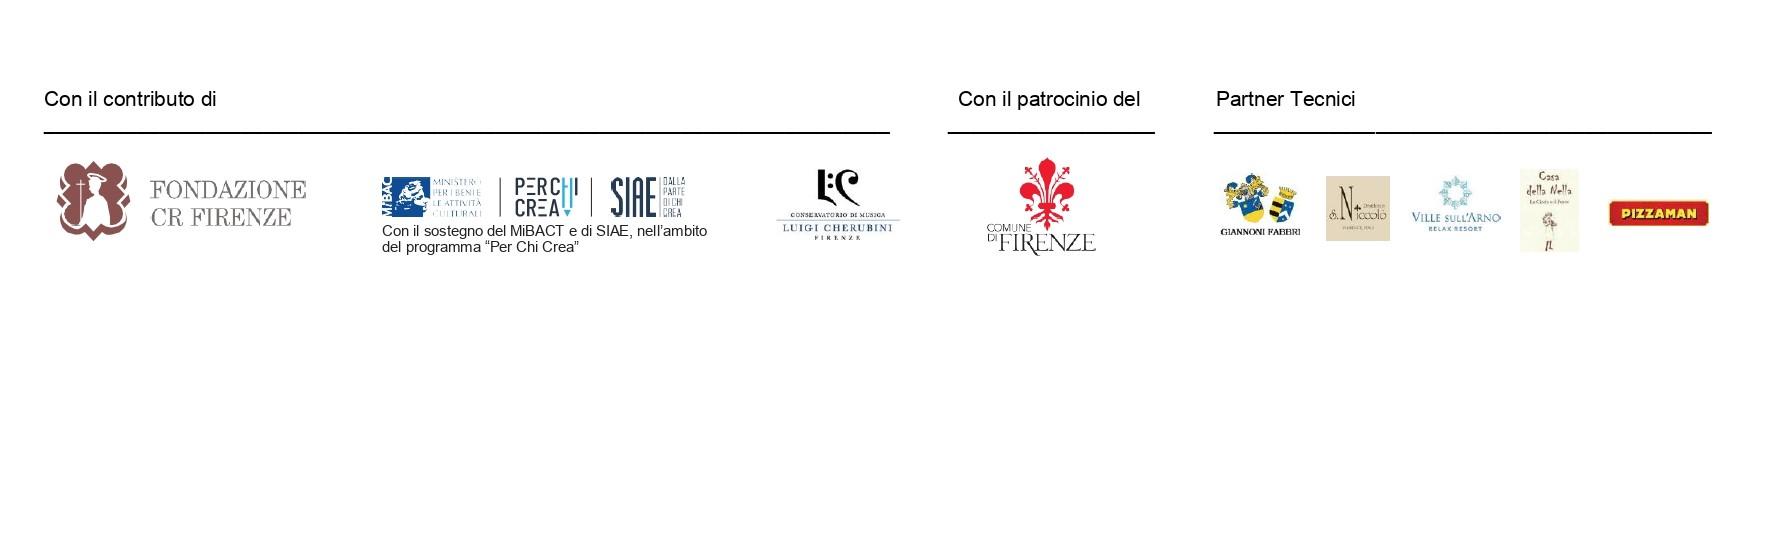 BASE SITO_page-0001 PICCOLA